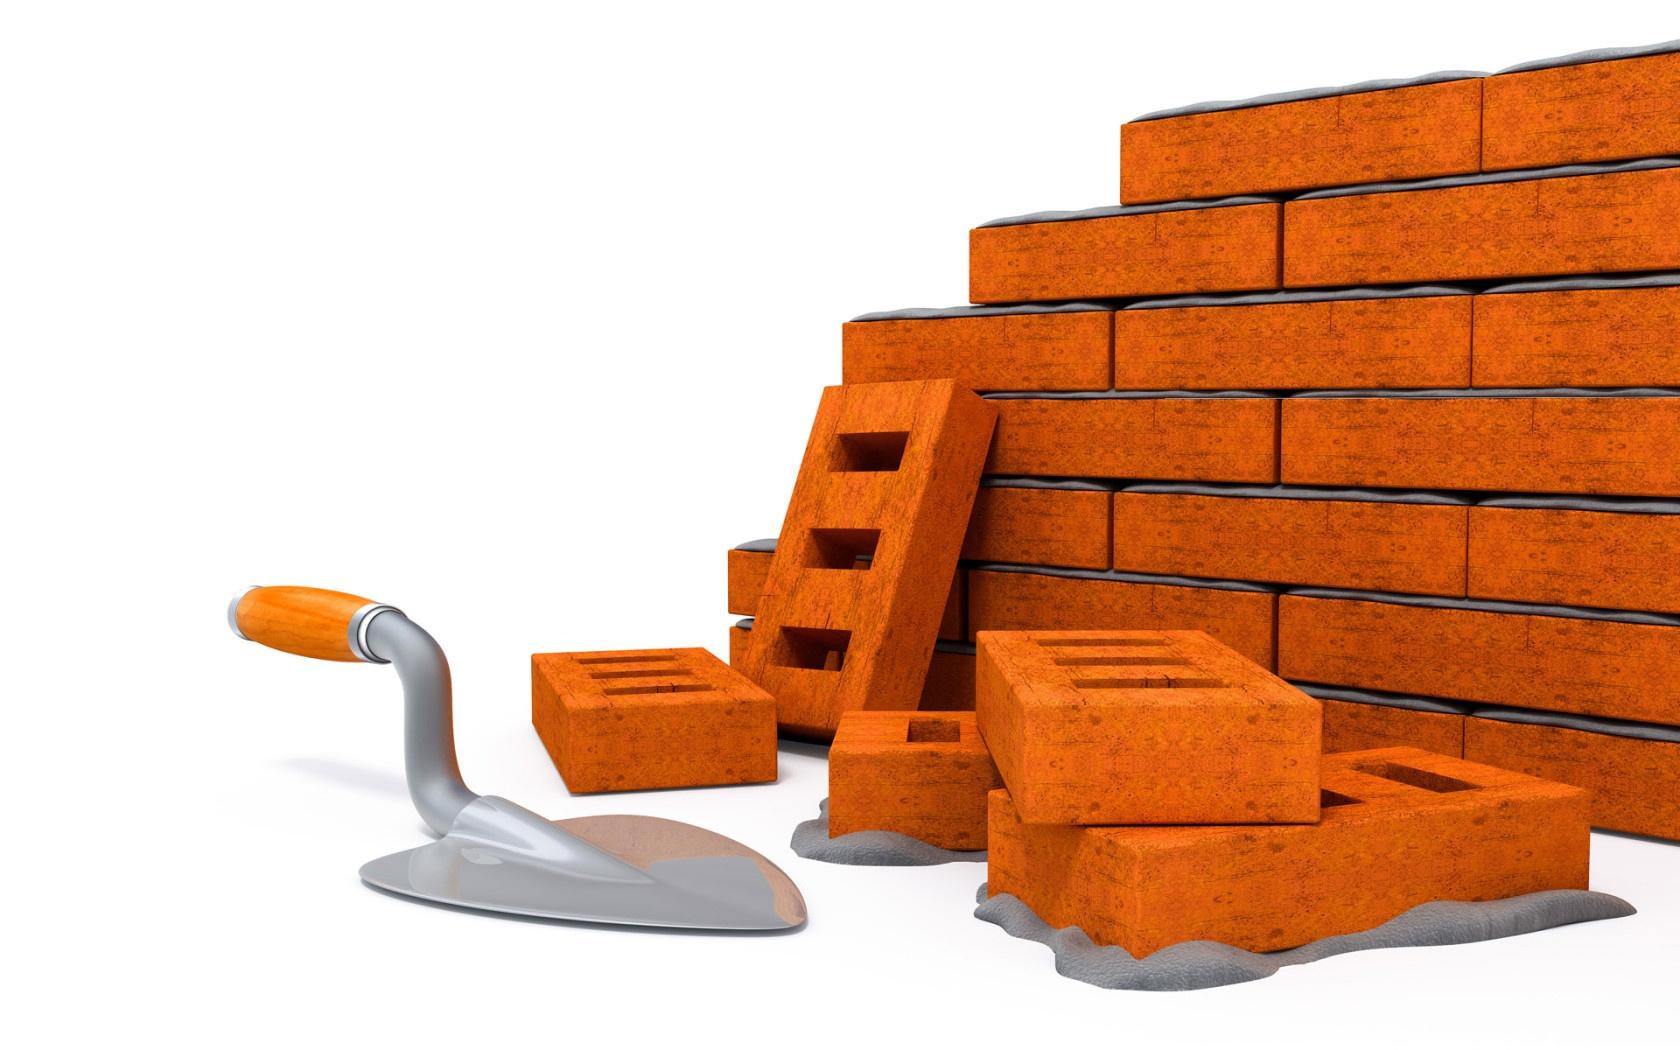 строительный технический углерод и кирпичи